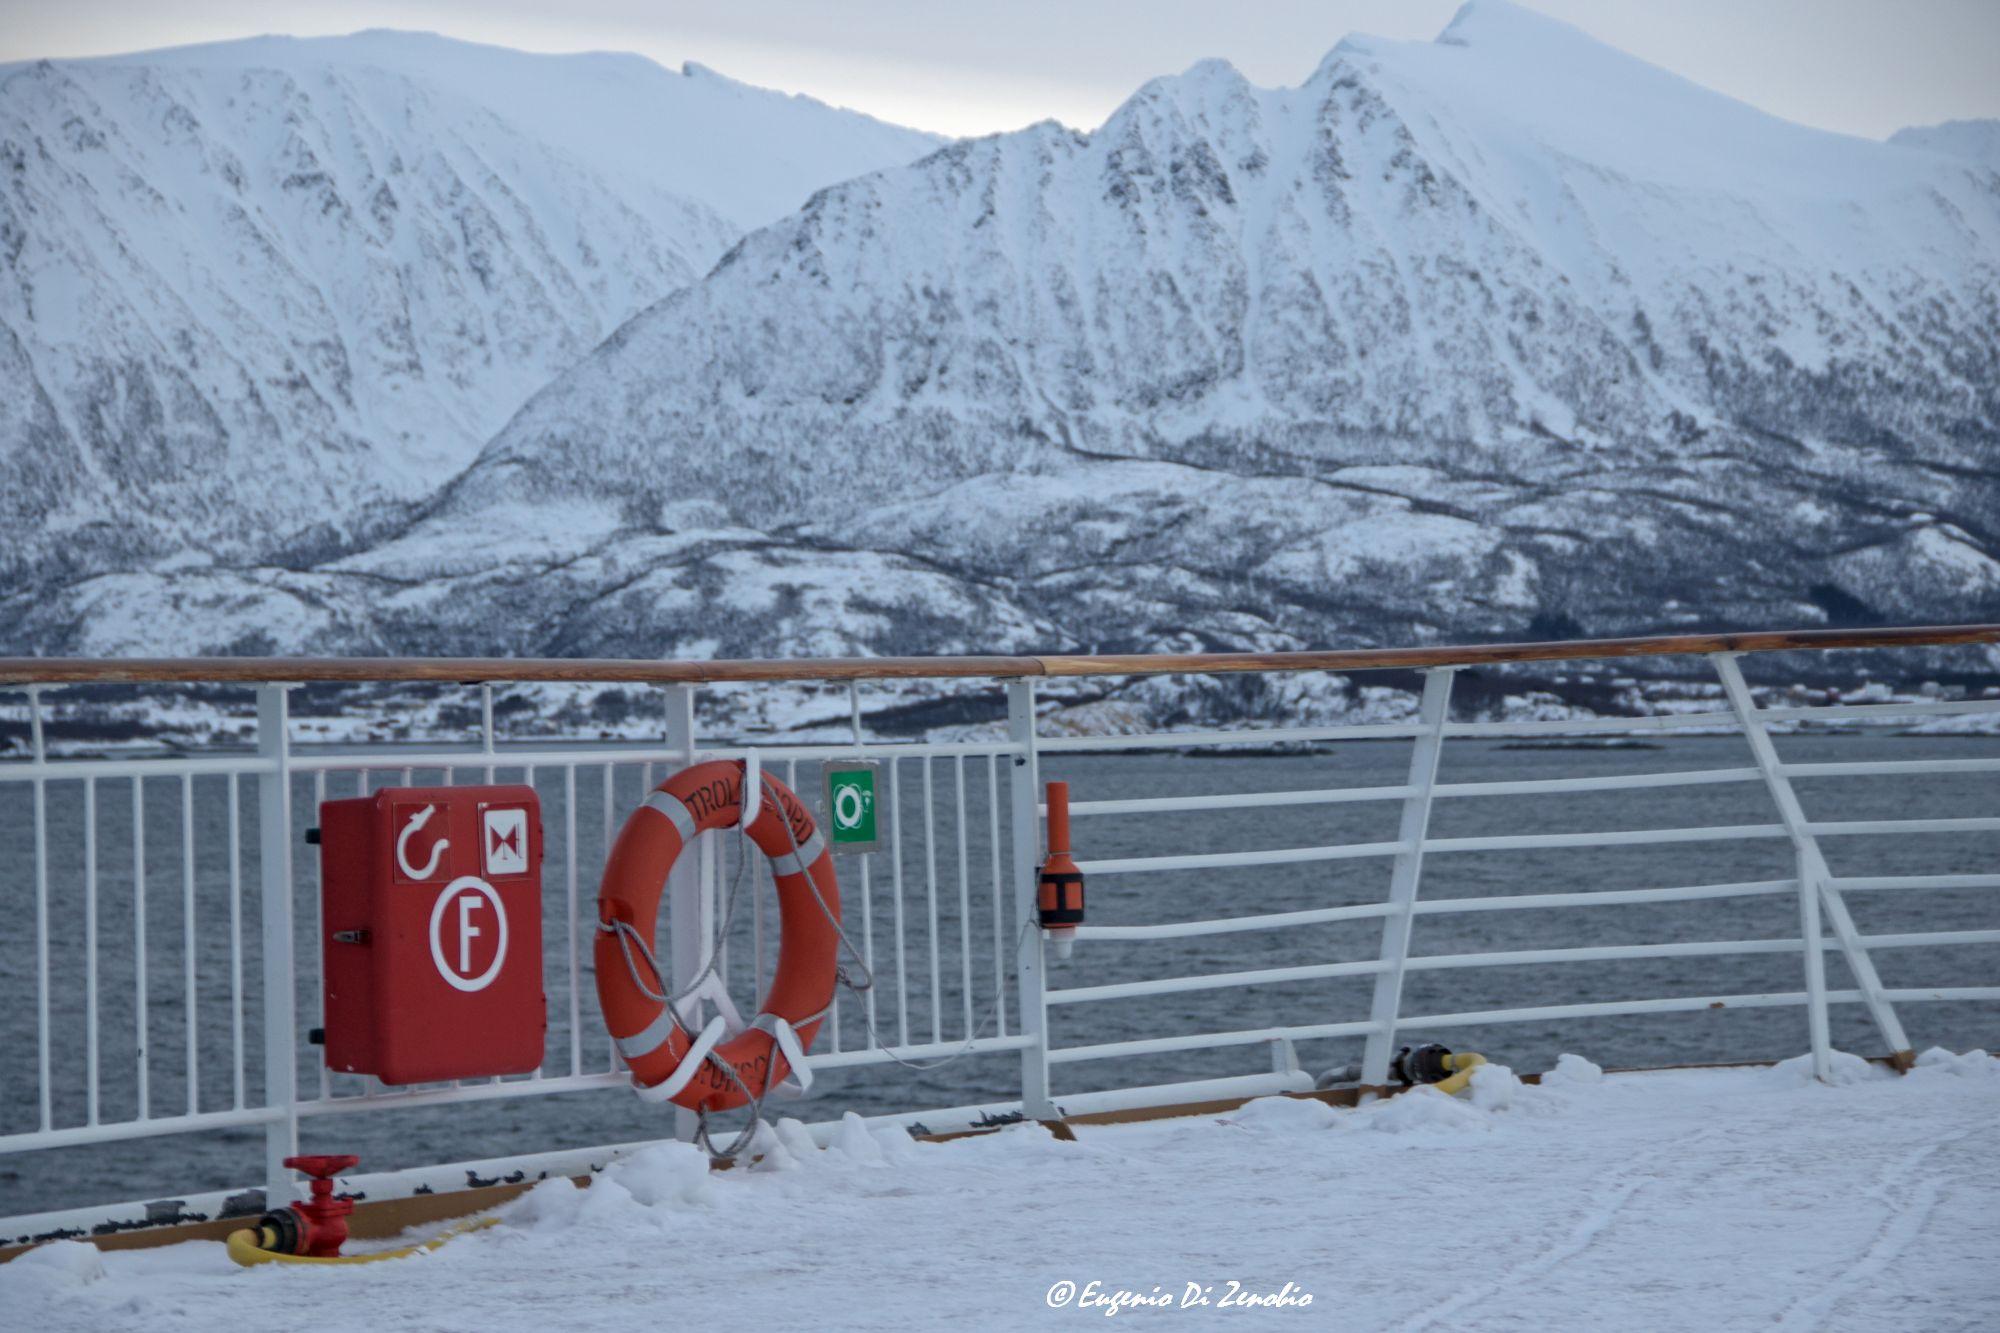 Sull'Hurtigruten, da Tromso alle Lofoten